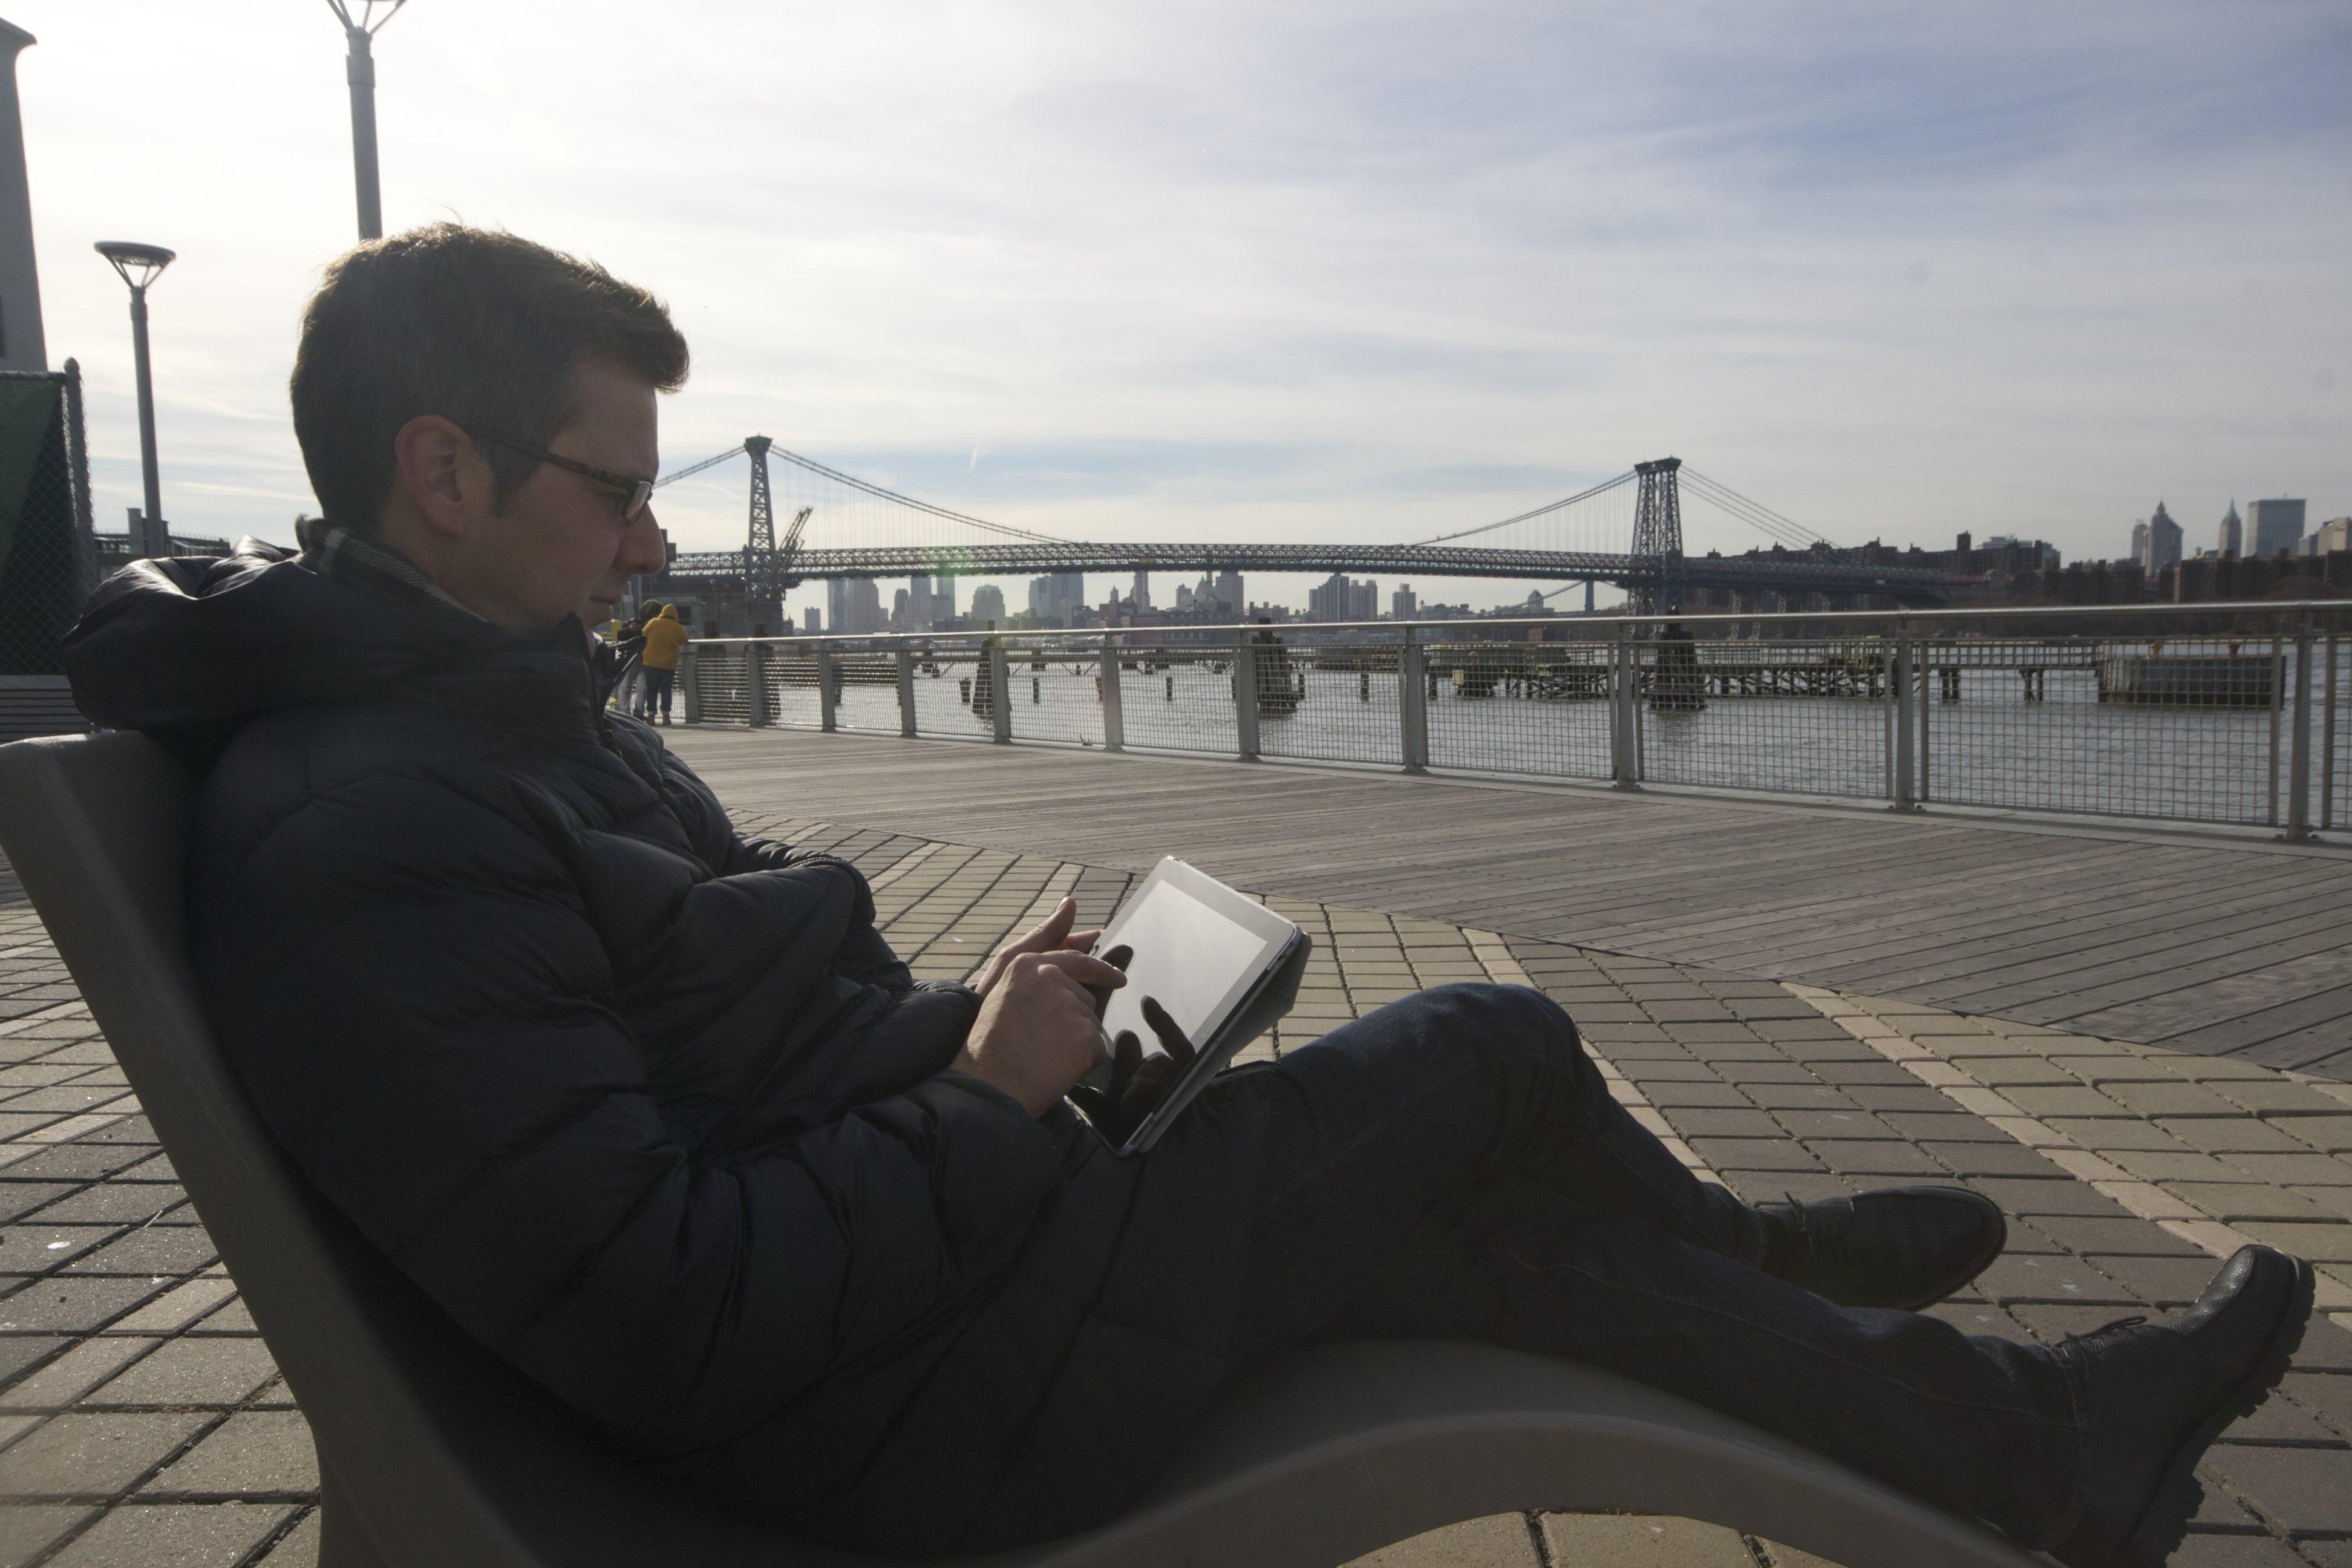 BMW: Brooklyn-, Manhattan- und Williamsburgbridge, so heißen die 3 Brücken über den Eastriver. Und schnell mal die Ankünfte für die nächste Woche am online Belegungsplan checken.